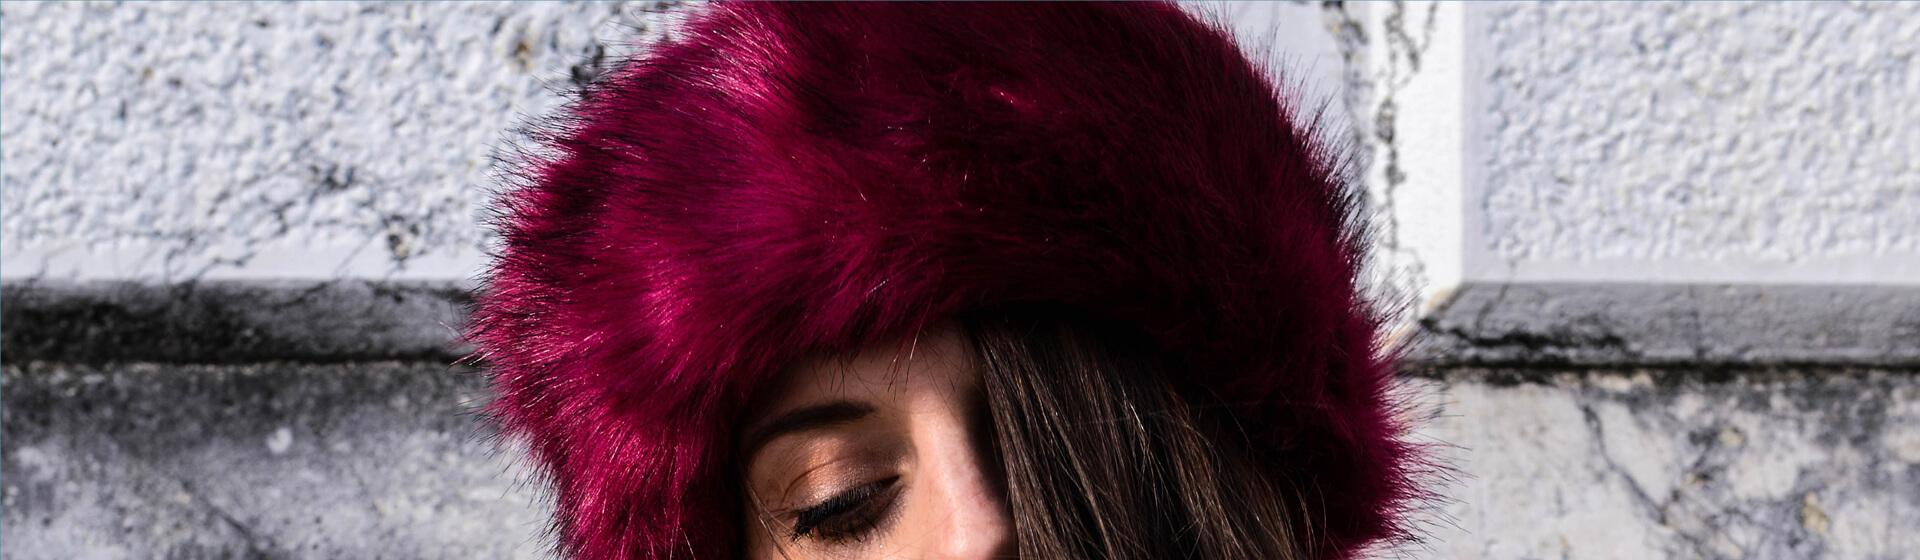 Tendenza cappelli Inverno 2018  gli accessori più cool del momento ... 82c7fccb883b